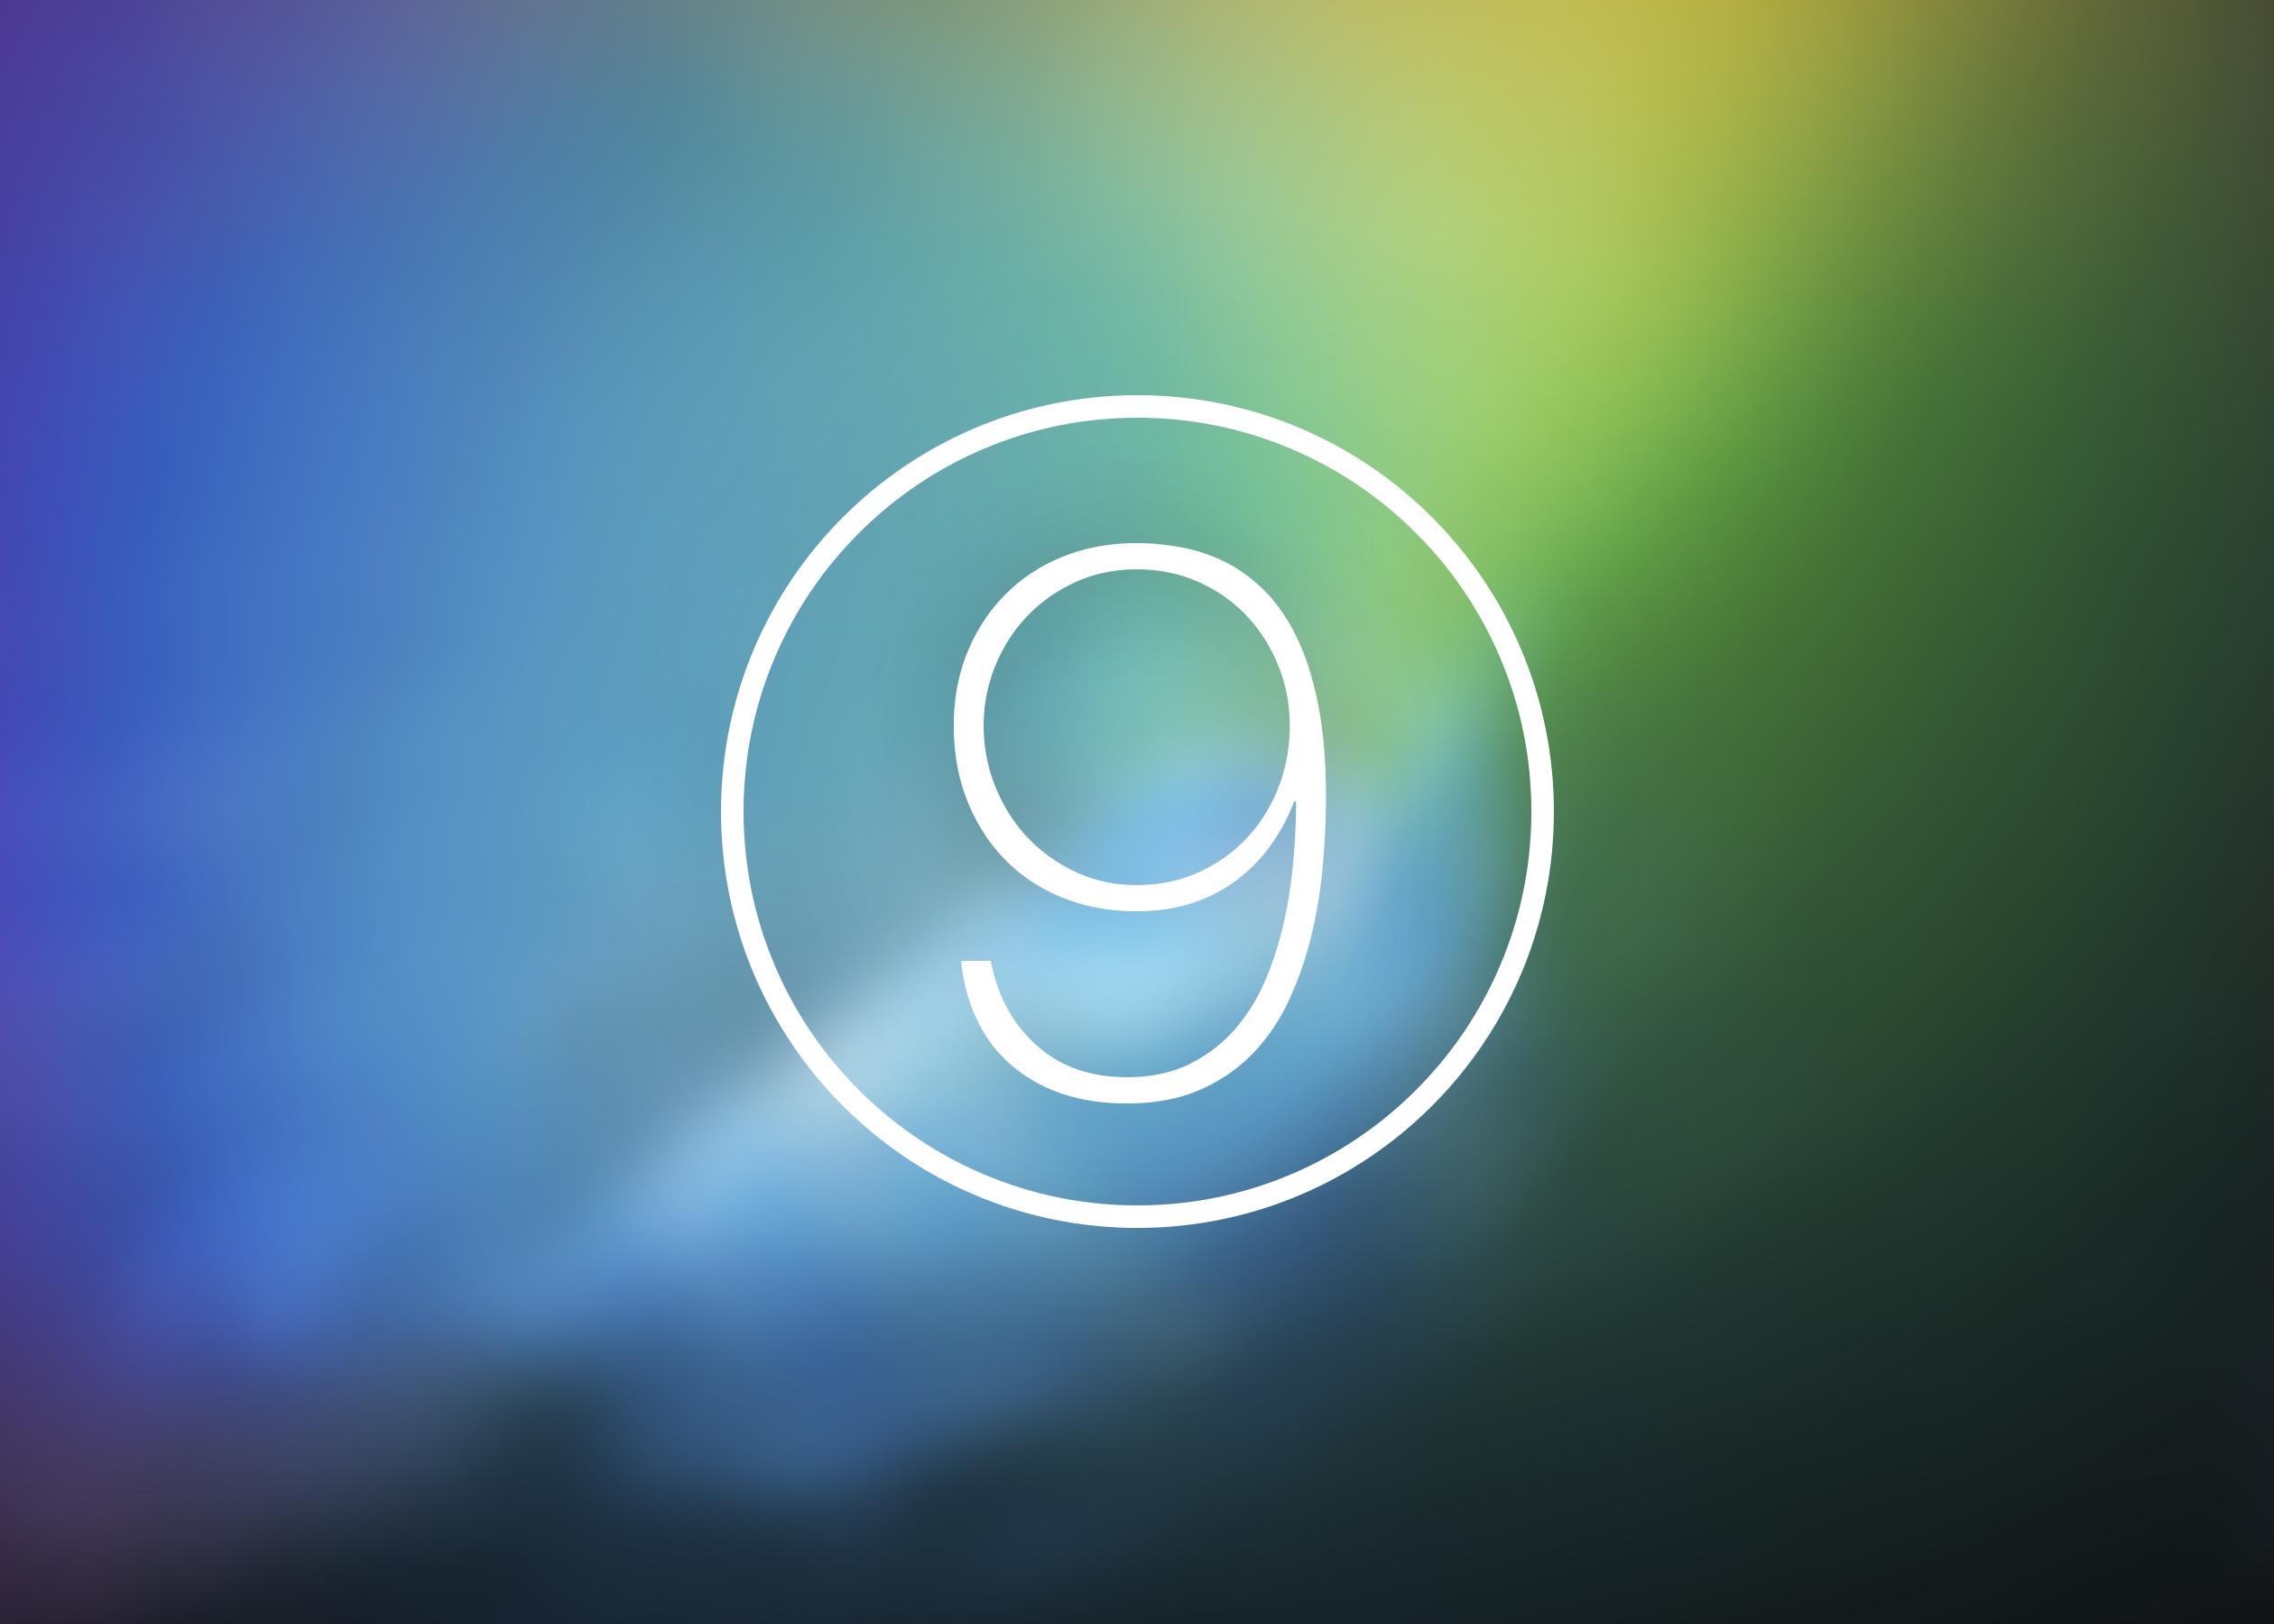 Стоит ли устанавливать публичную бету iOS 9 прямо сейчас